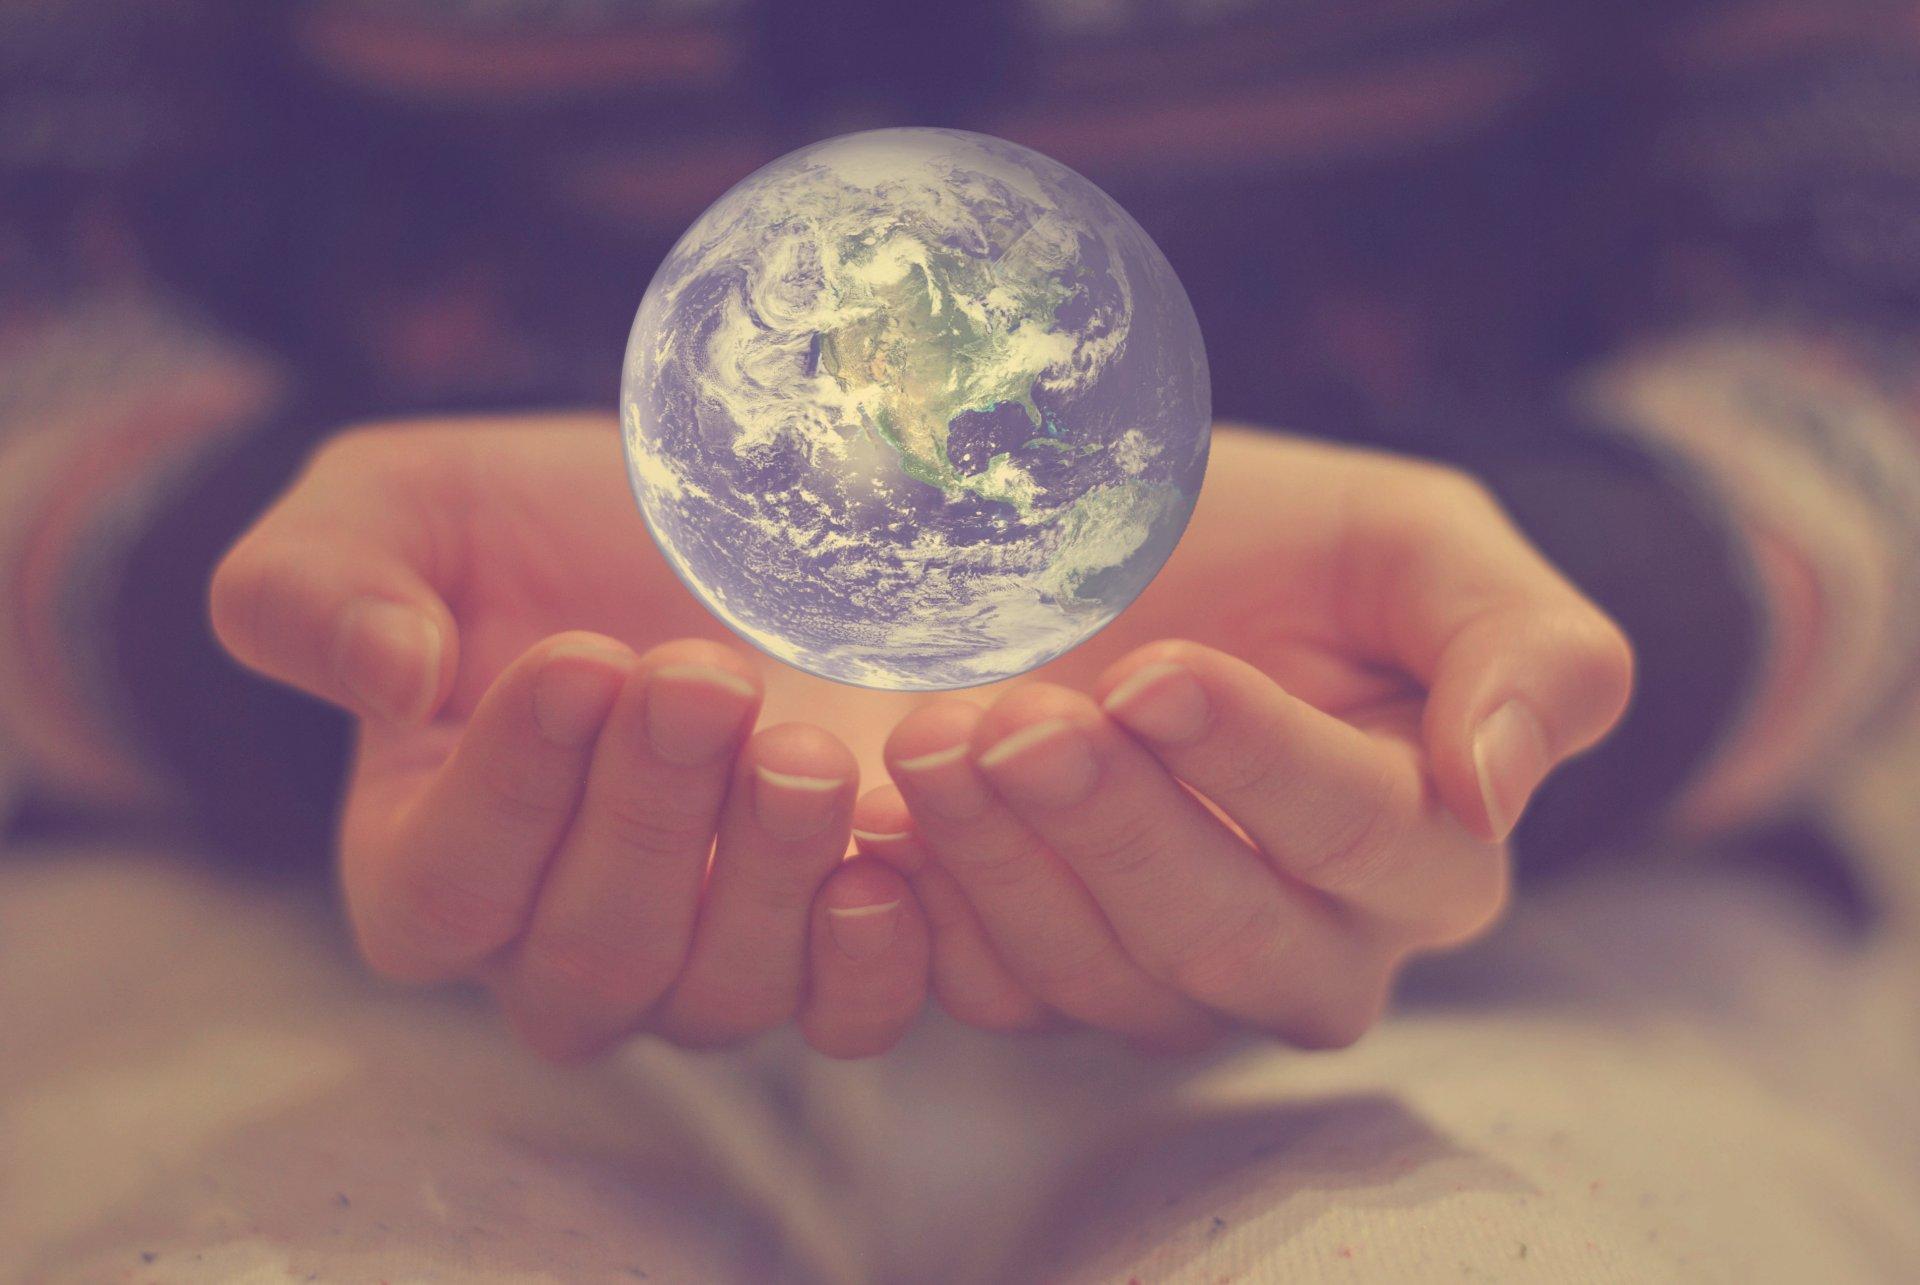 картинка как я люблю этот мир блестящих